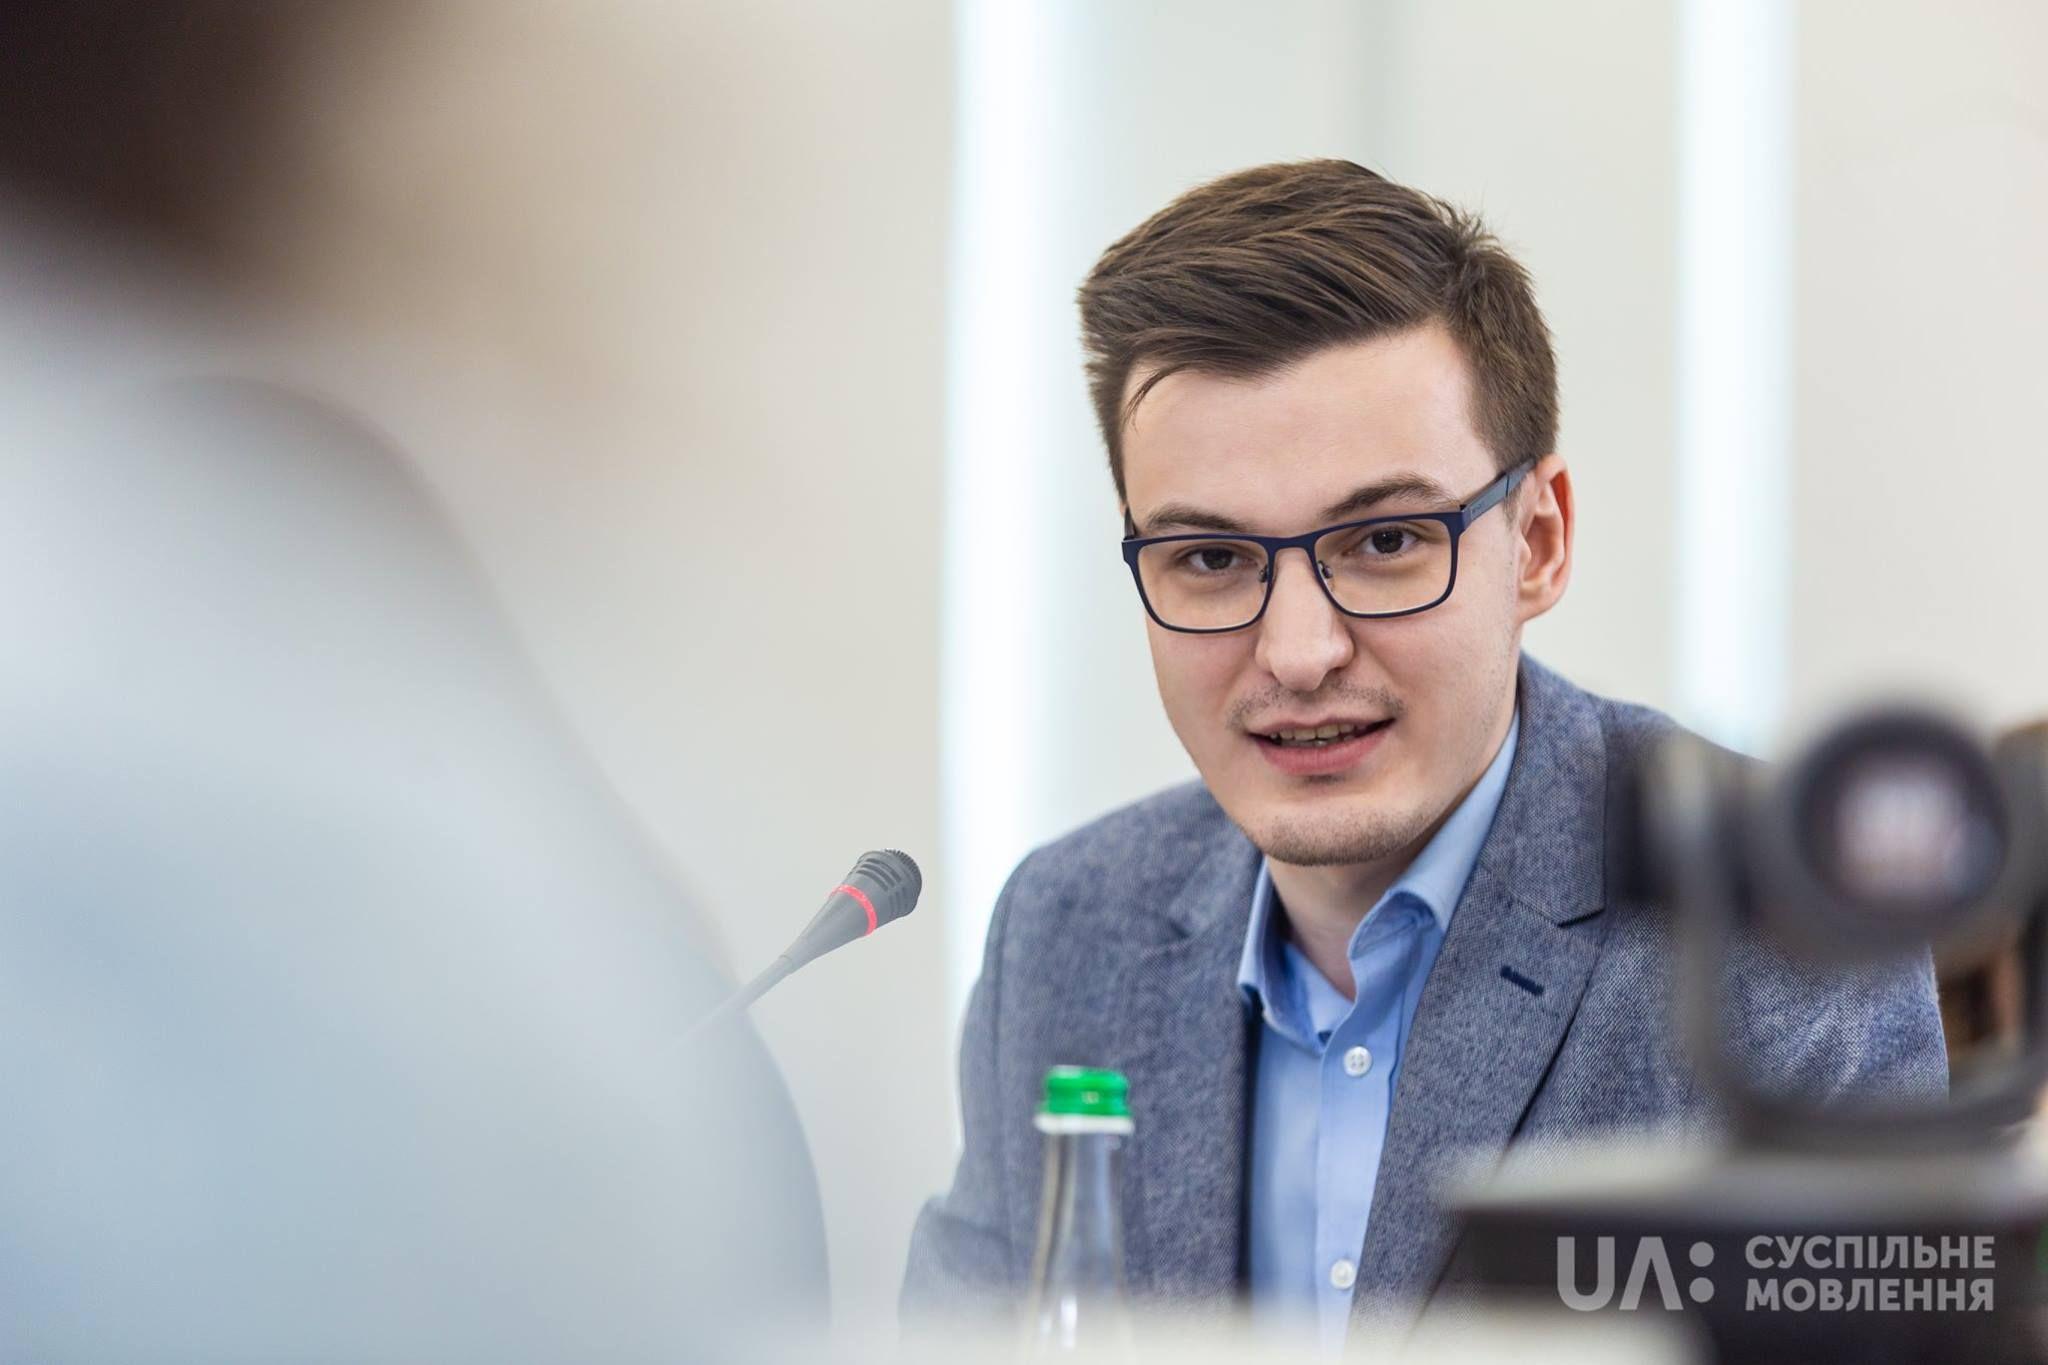 Український молодіжний фонд дасть сигнал кожній молодій людині: держава заохочує твою ініціативу, — Вадим Міський